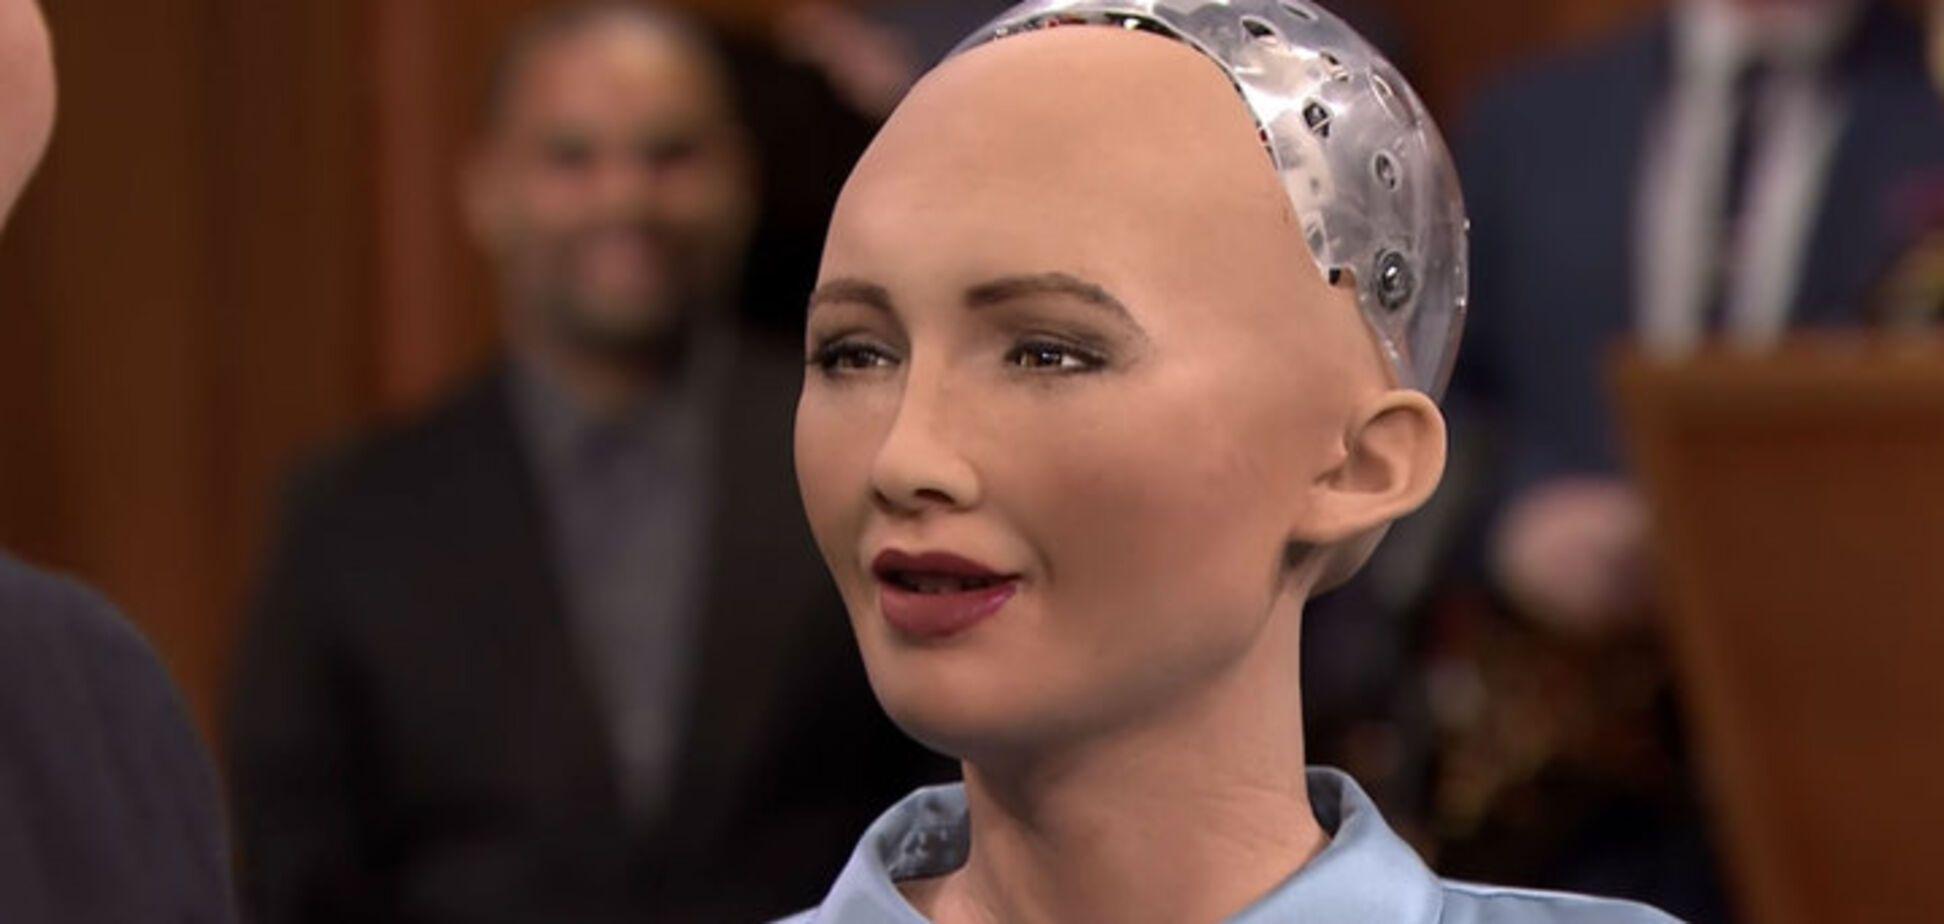 жінка-робот Софія